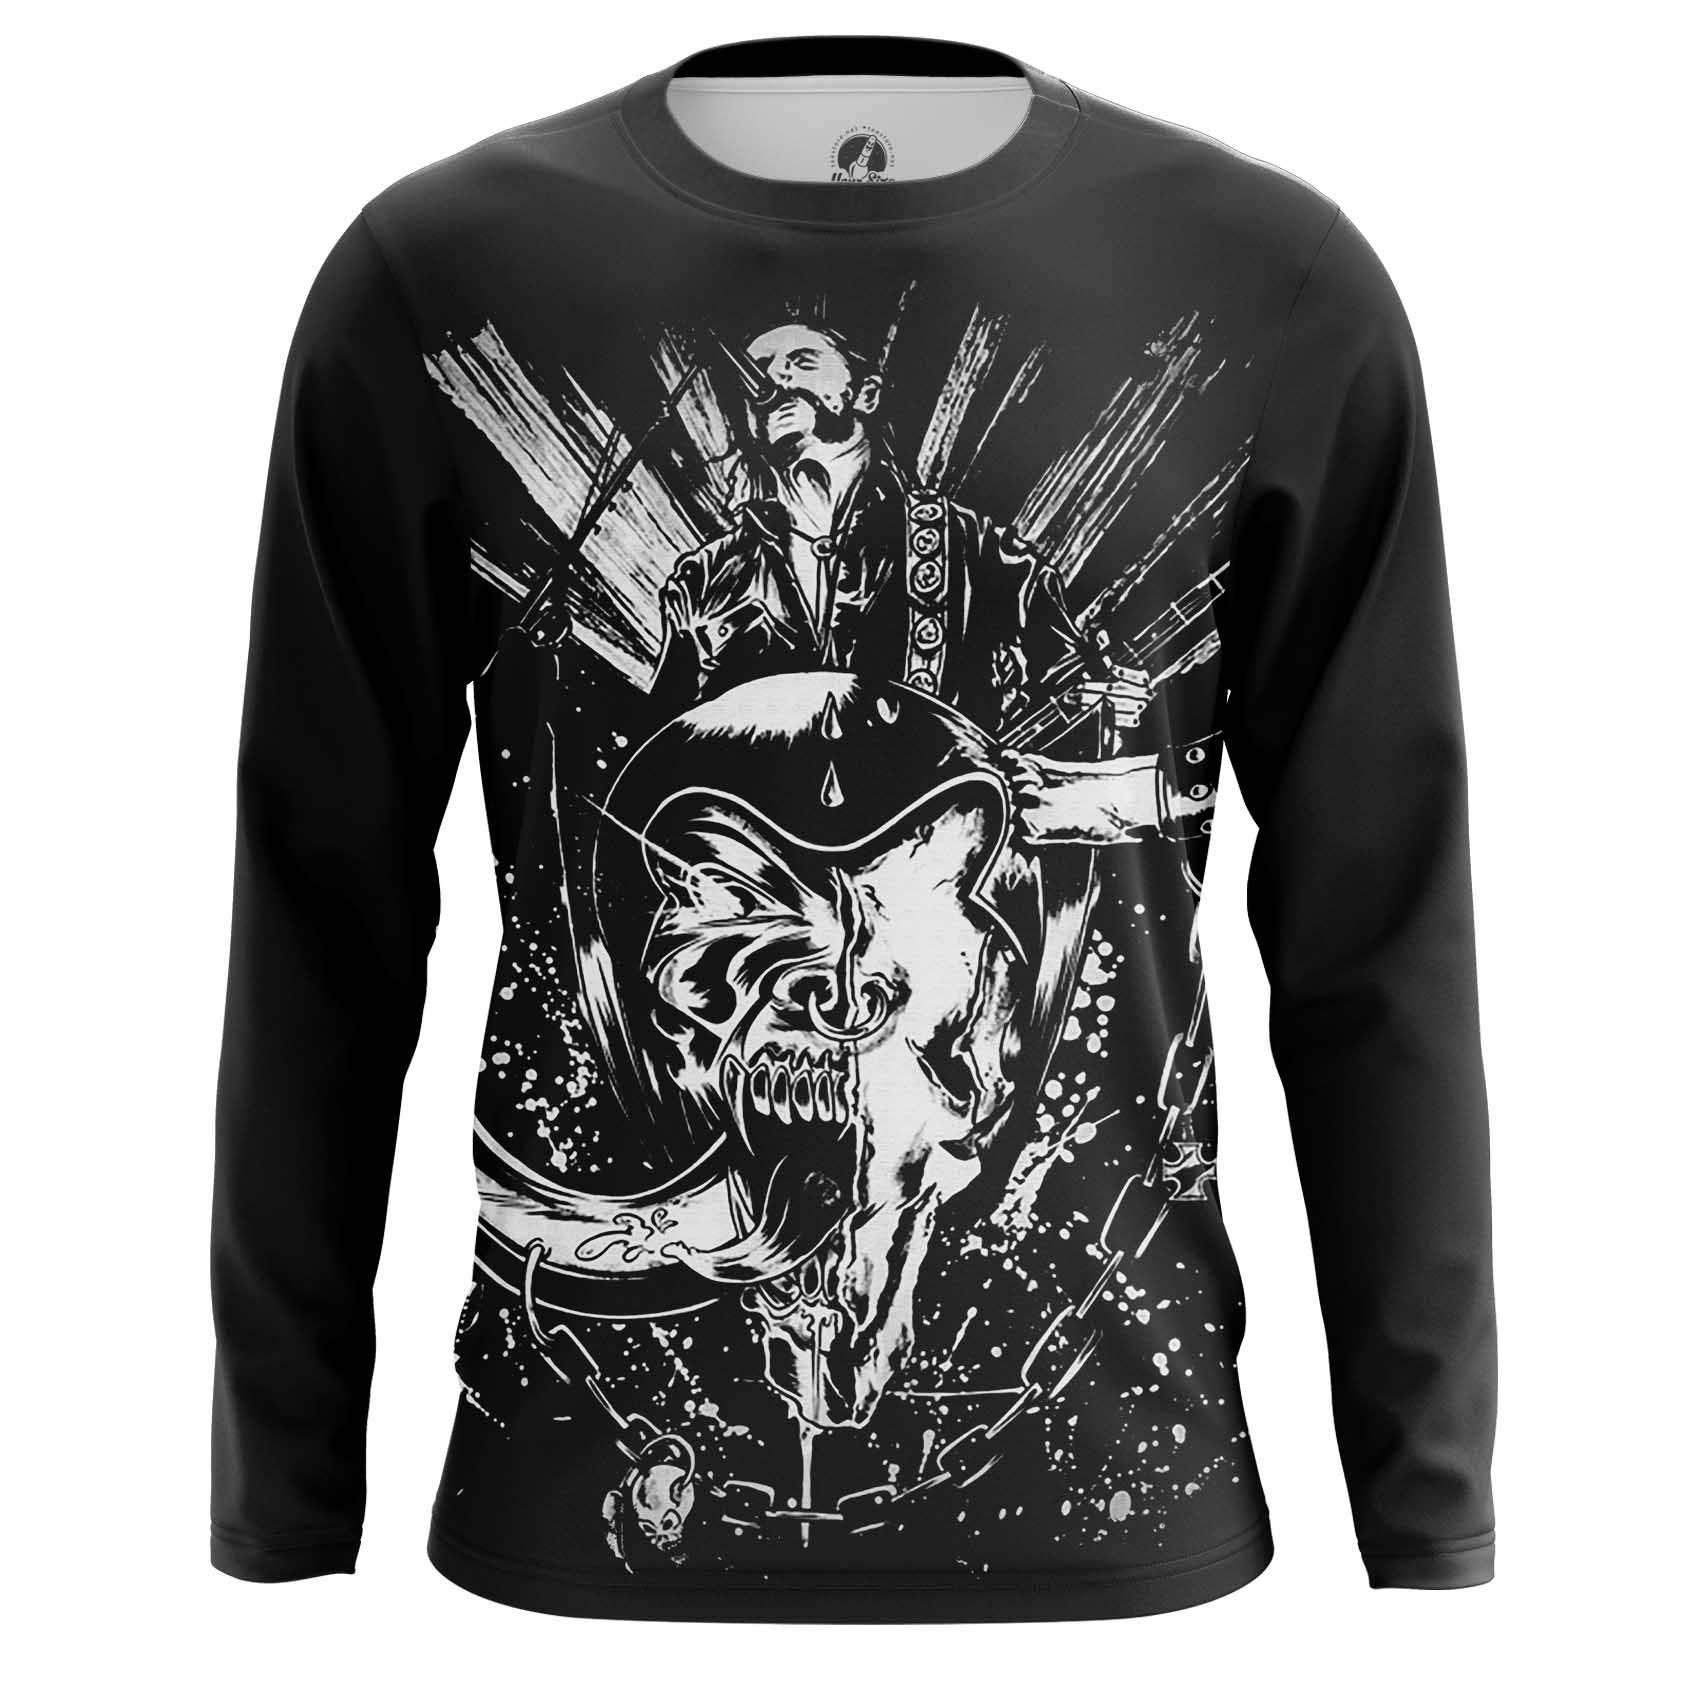 Collectibles Men'S T-Shirt MotÖRheadandise Music Band